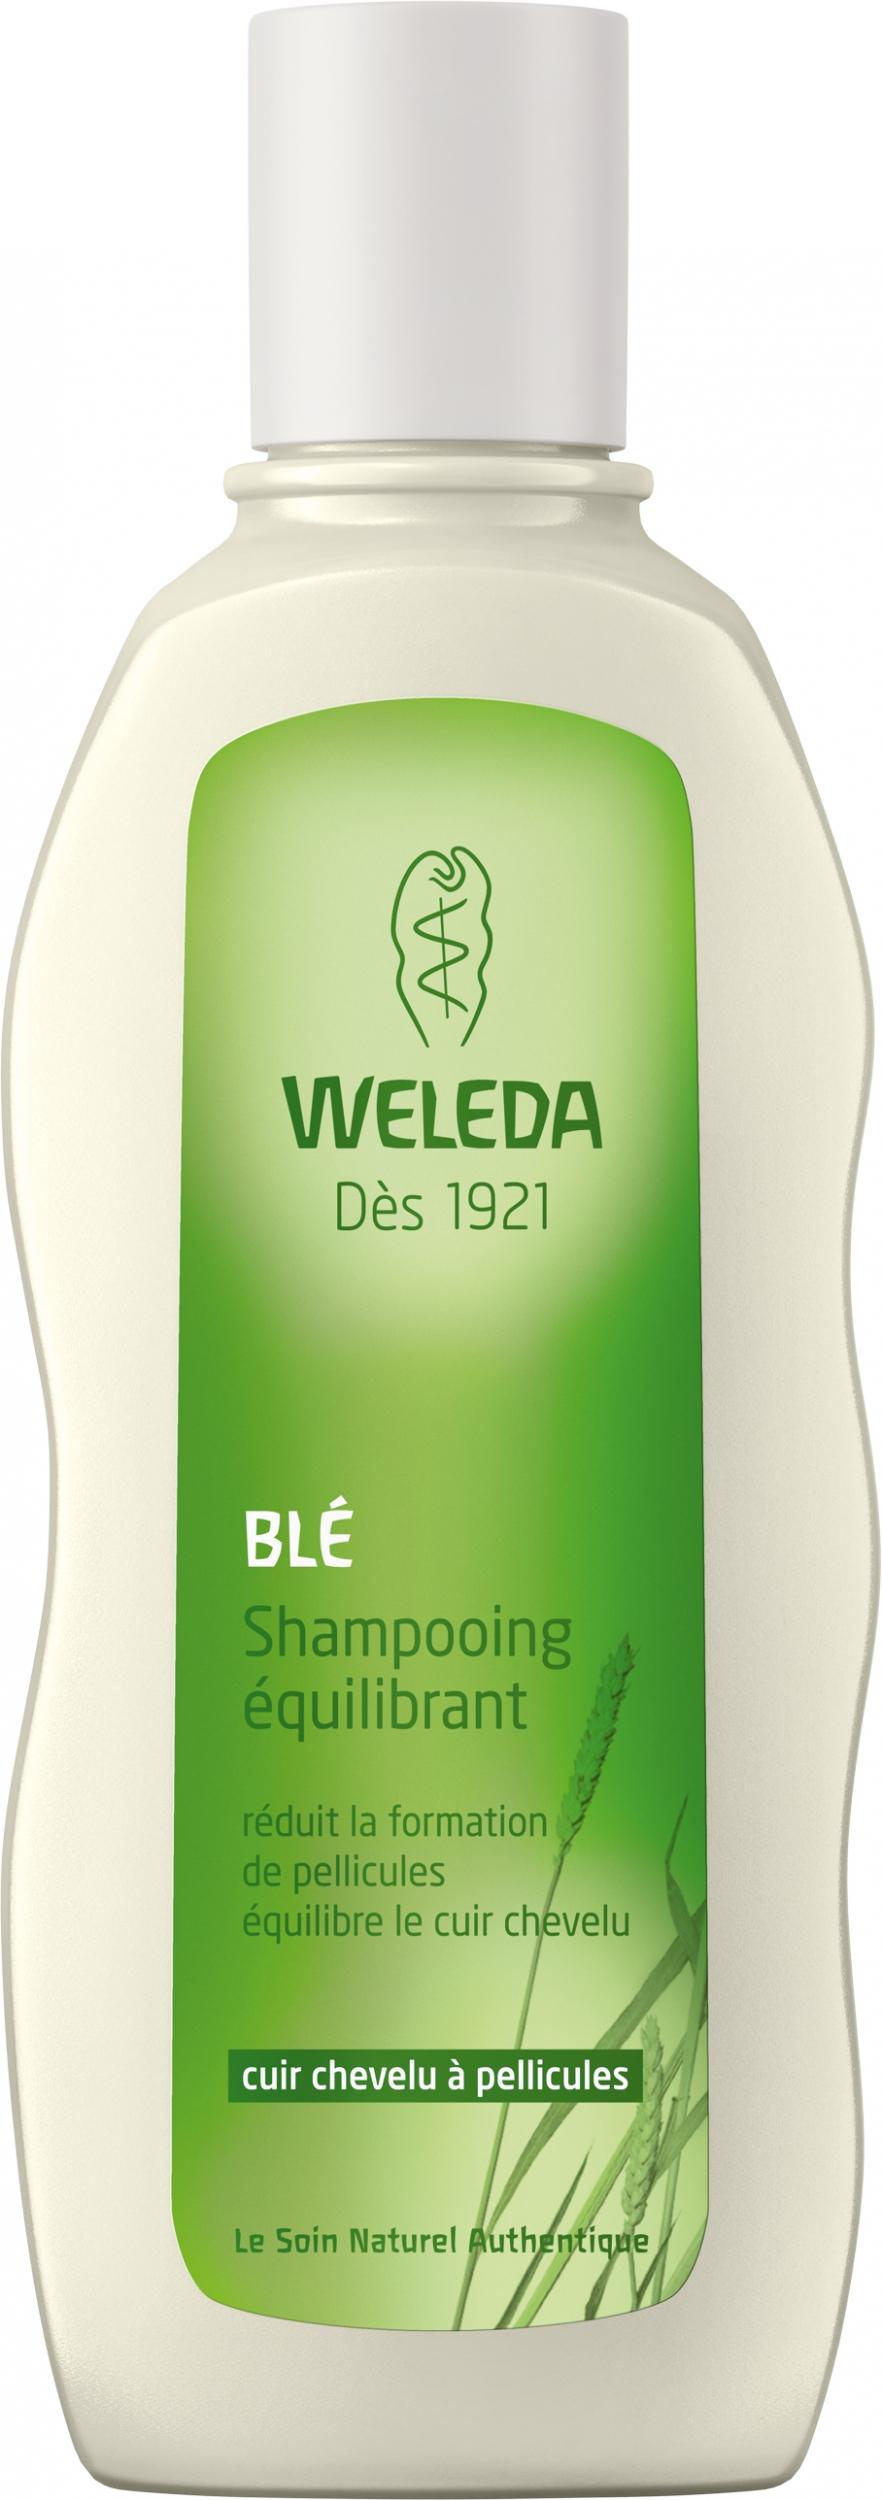 Doux Good - Weleda - Shampoing au ble equilibrant